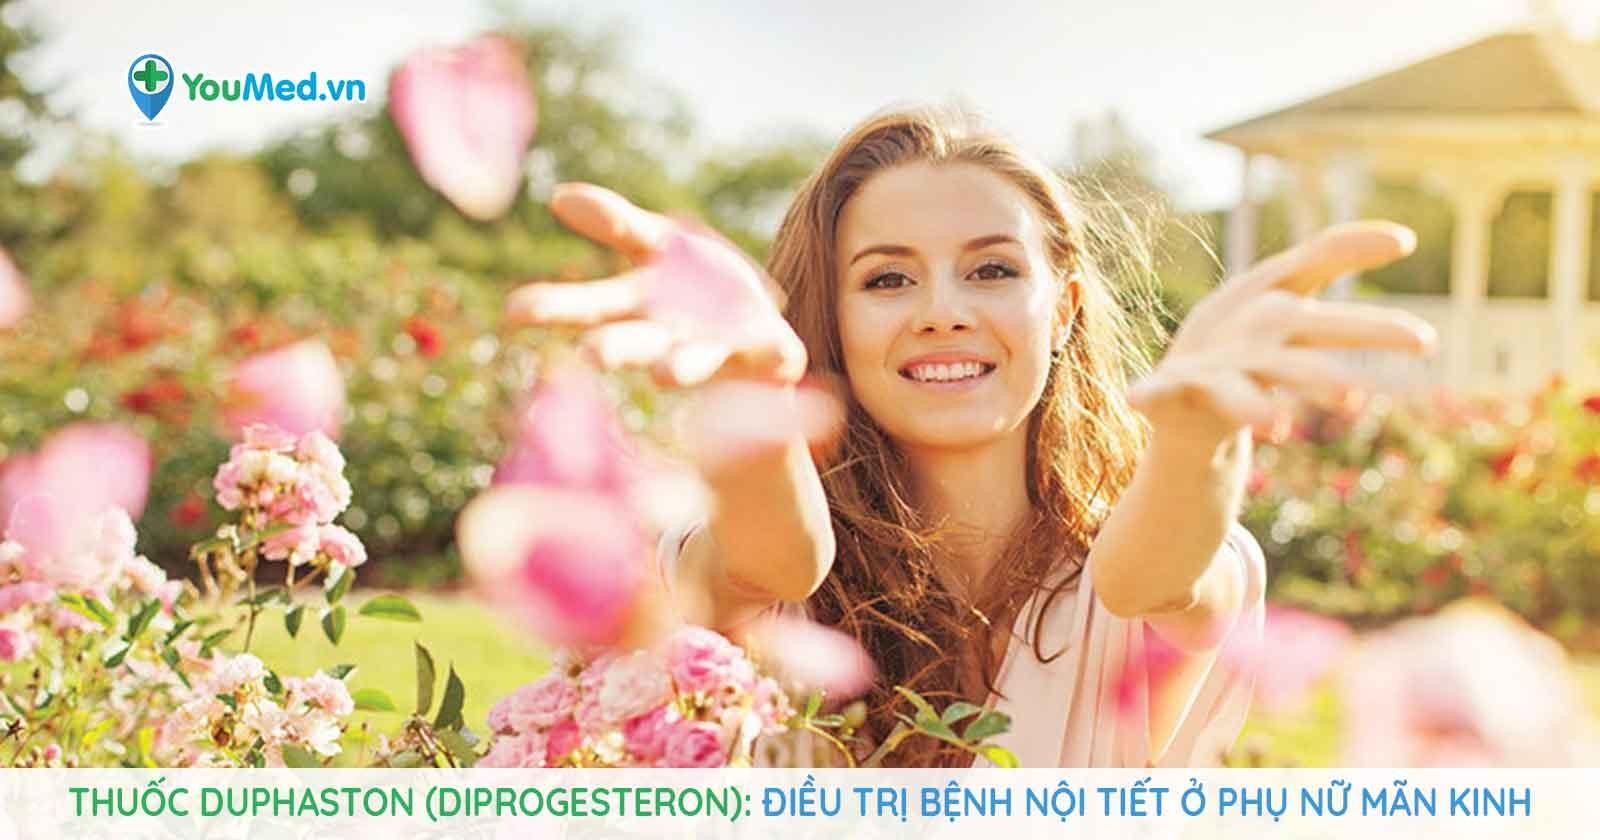 Thuốc Duphaston (diprogesteron): Điều trị bệnh nội tiết ở phụ nữ mãn kinh